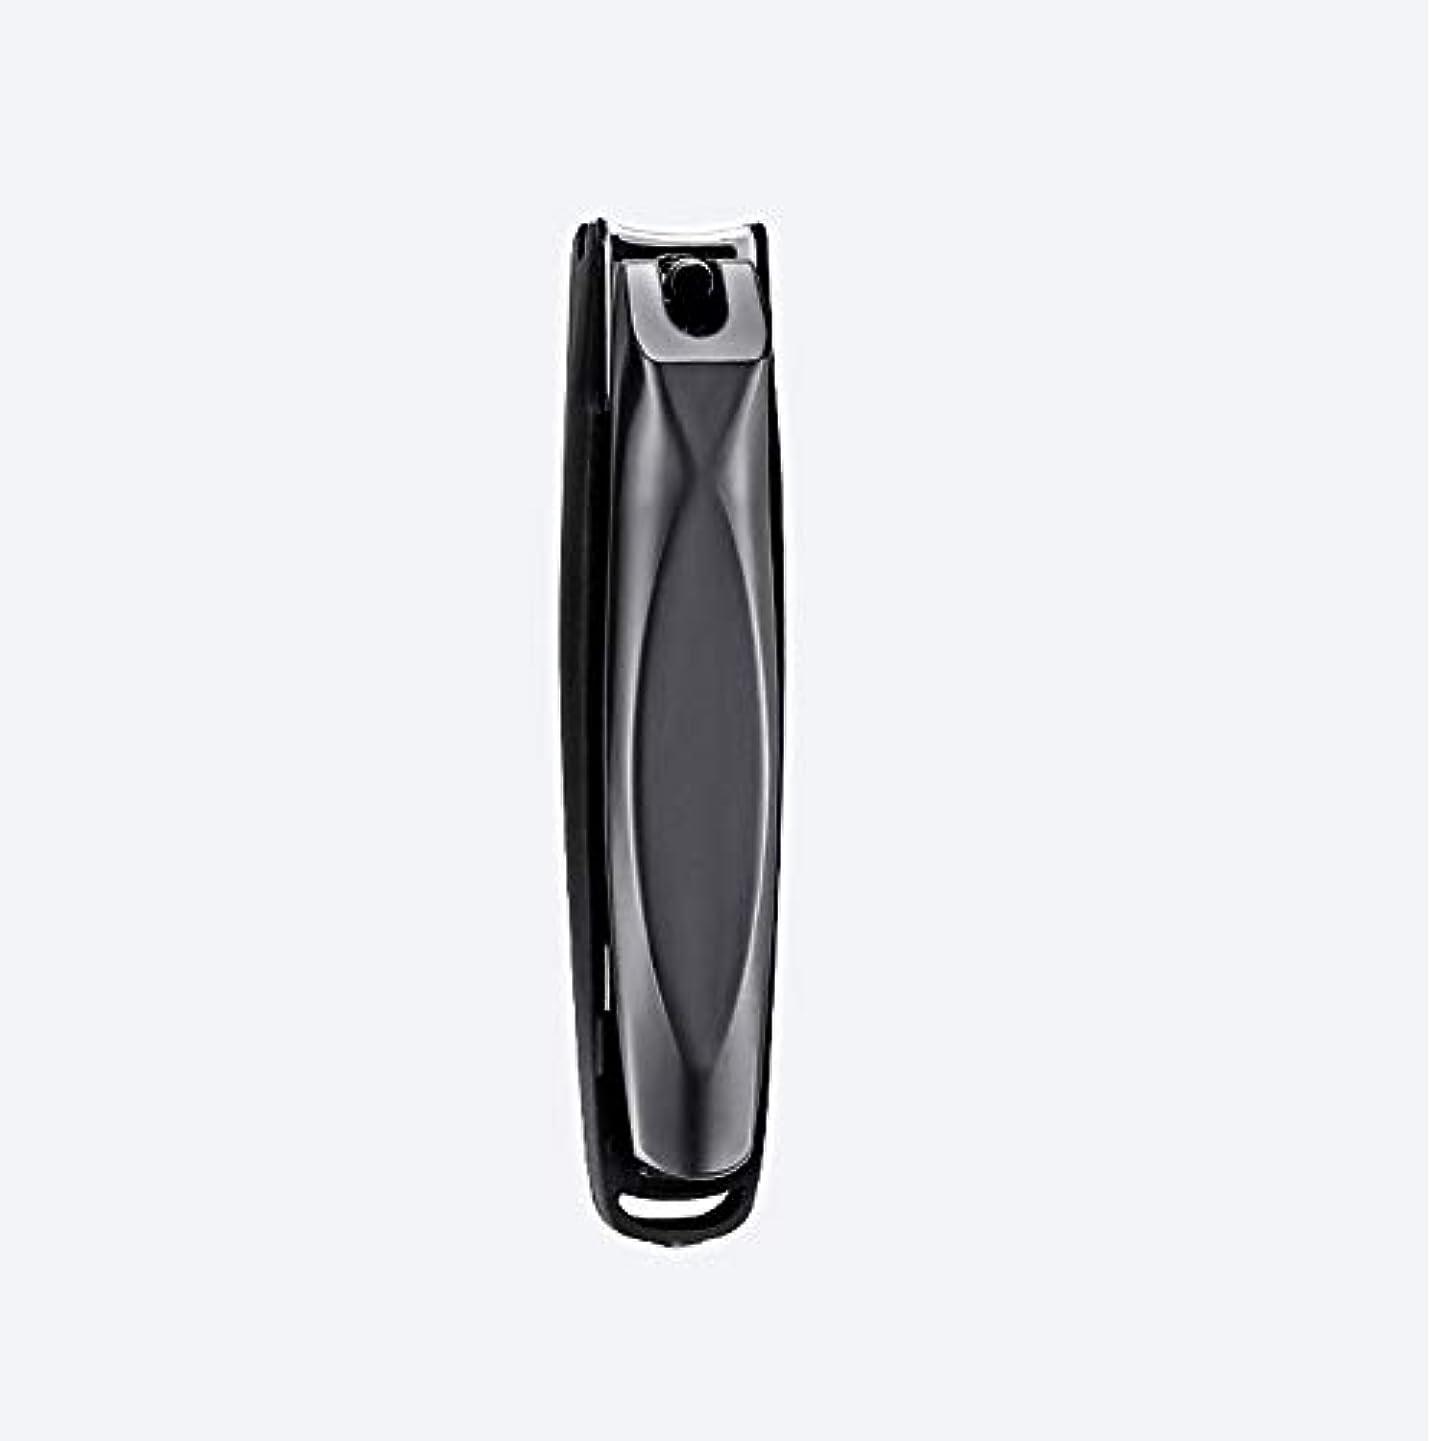 ドキドキ収束するベテランネイルクリッパーセット、爪&足の爪切り、大人のための耐久性のある鋭いステンレス鋼のネイルカッター Blingstars (Size : 7.5cm)